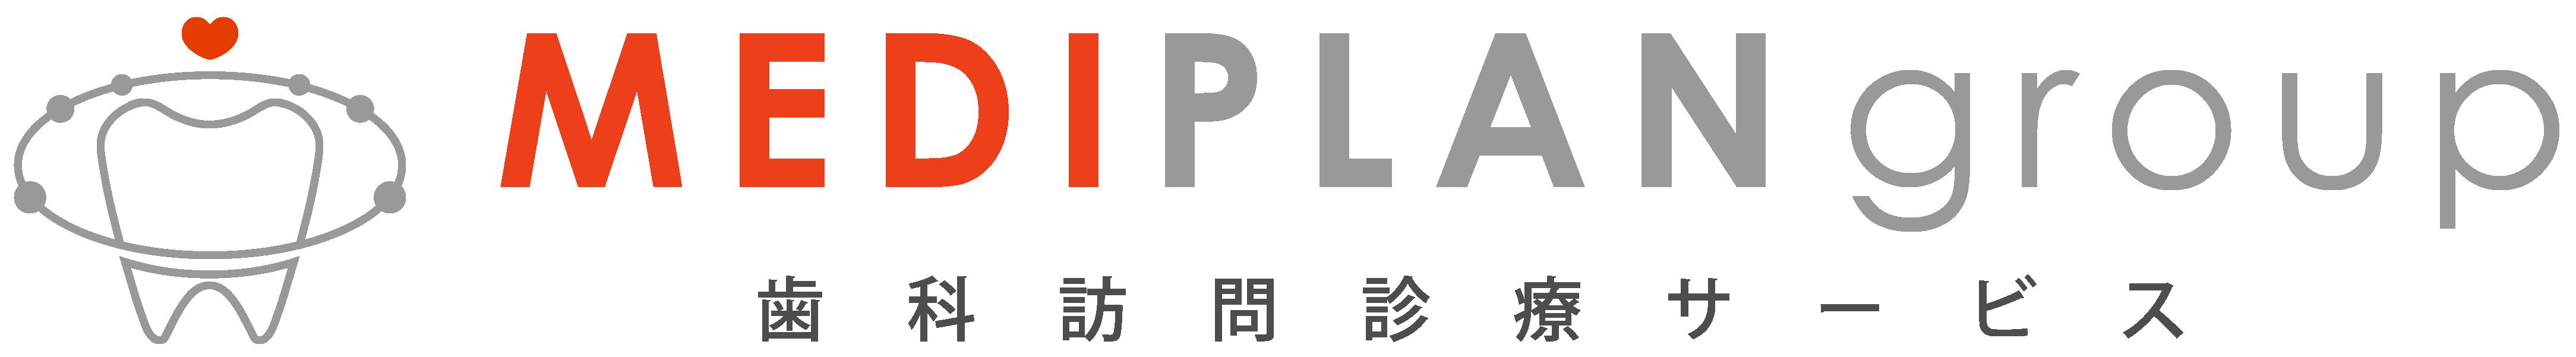 東京・千葉・埼玉|歯科訪問診療の『メディプラングループ』